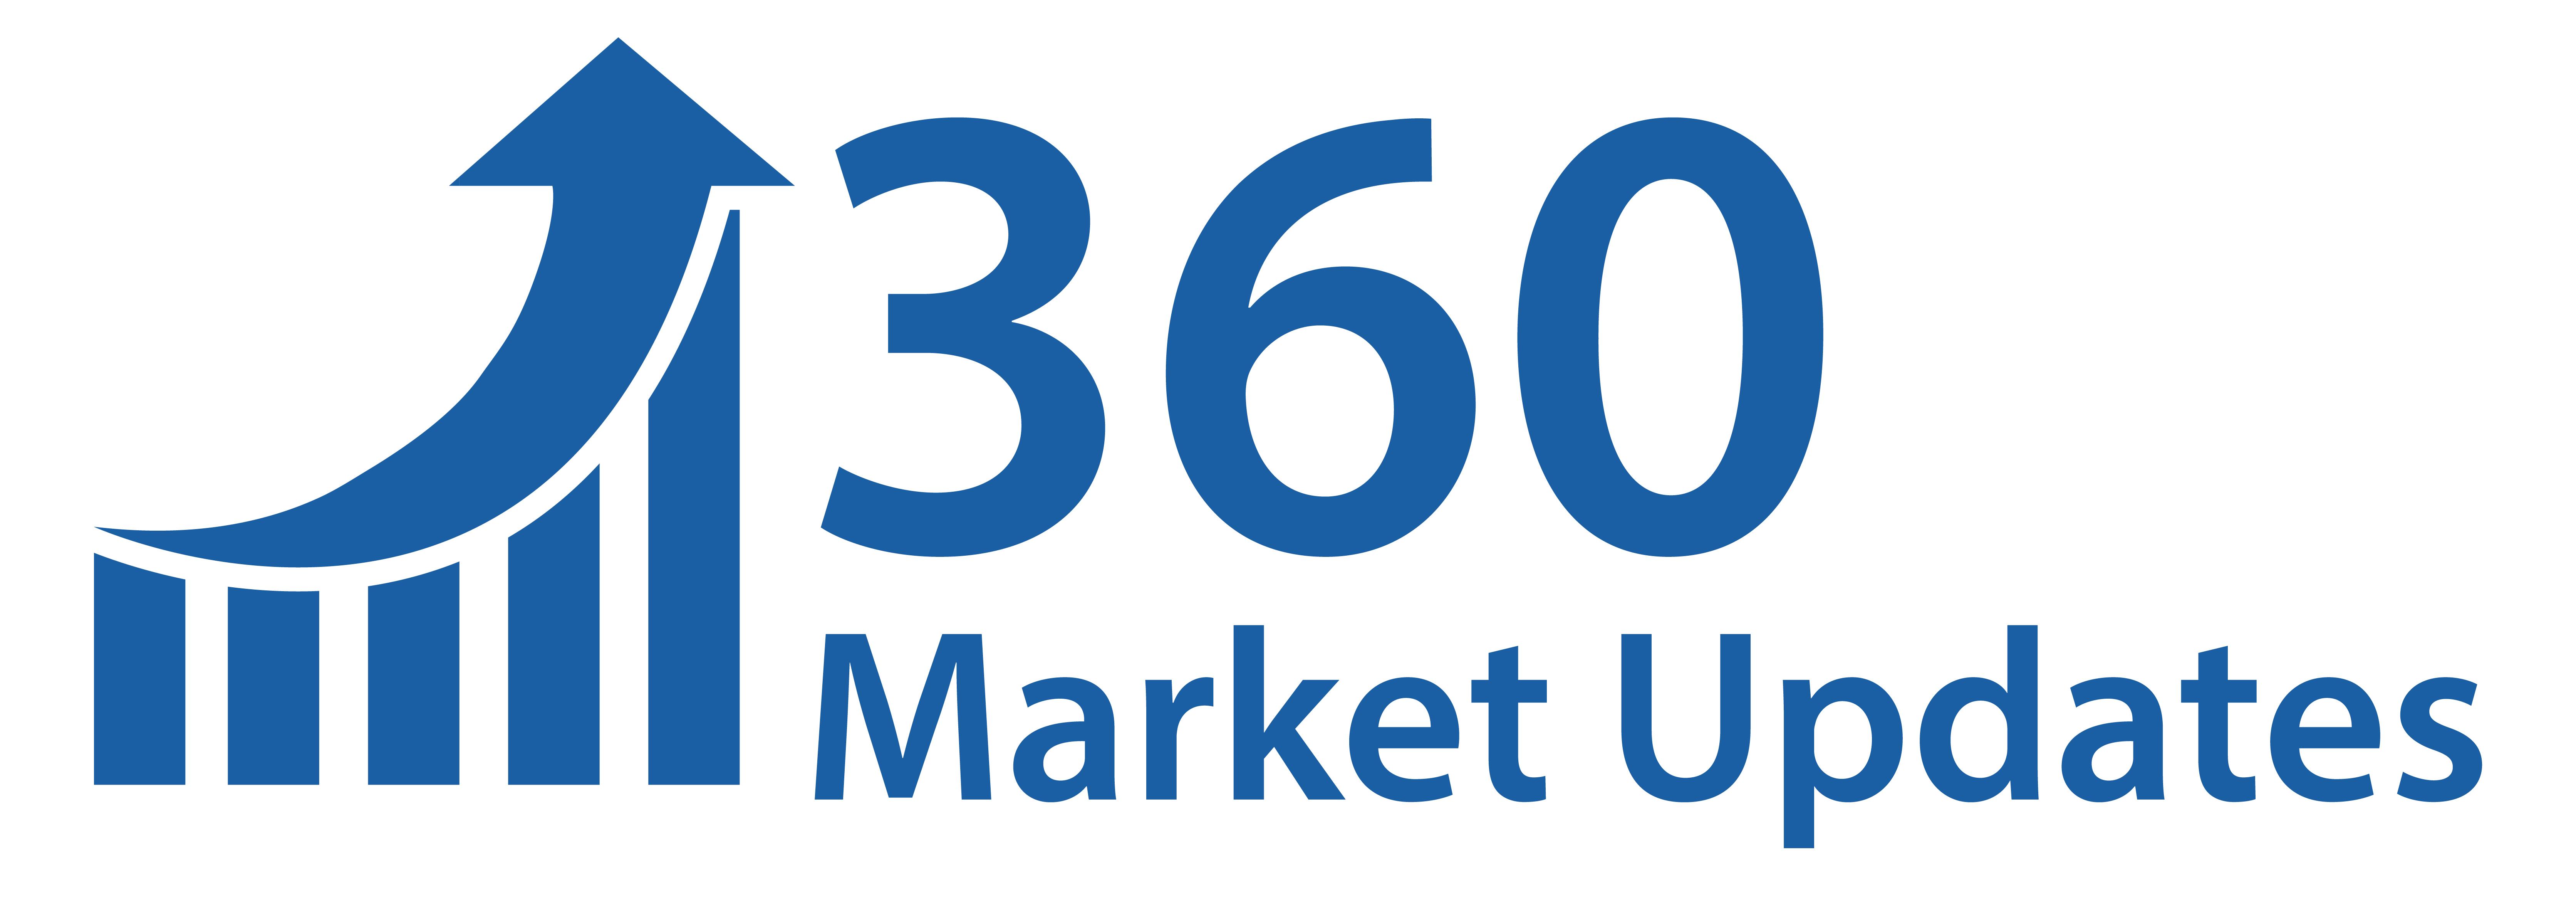 Global Varicella Vaccine Market 2020 mit beeindruckendem Wachstum bis 2025 | Branchentrends, Aktie, Größe, Top Key Player Analyse und Prognoseforschung